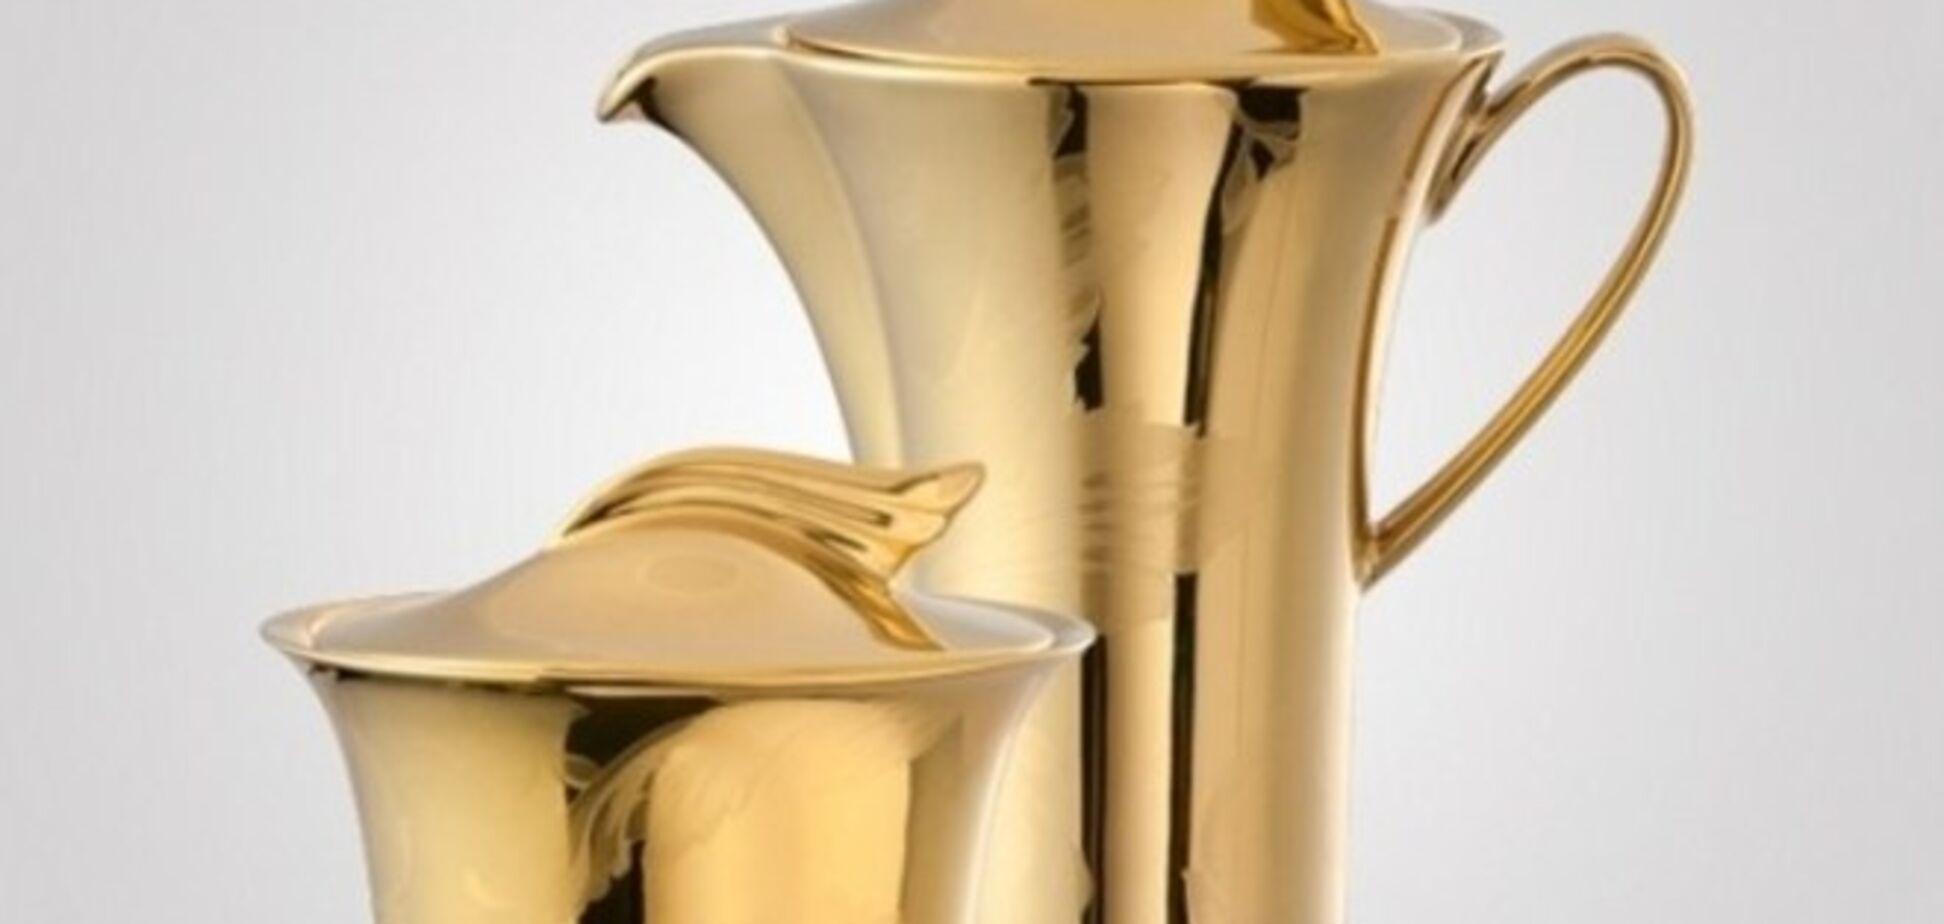 Курченко прикупил  в Италии самую дорогую линейку посуды Versace